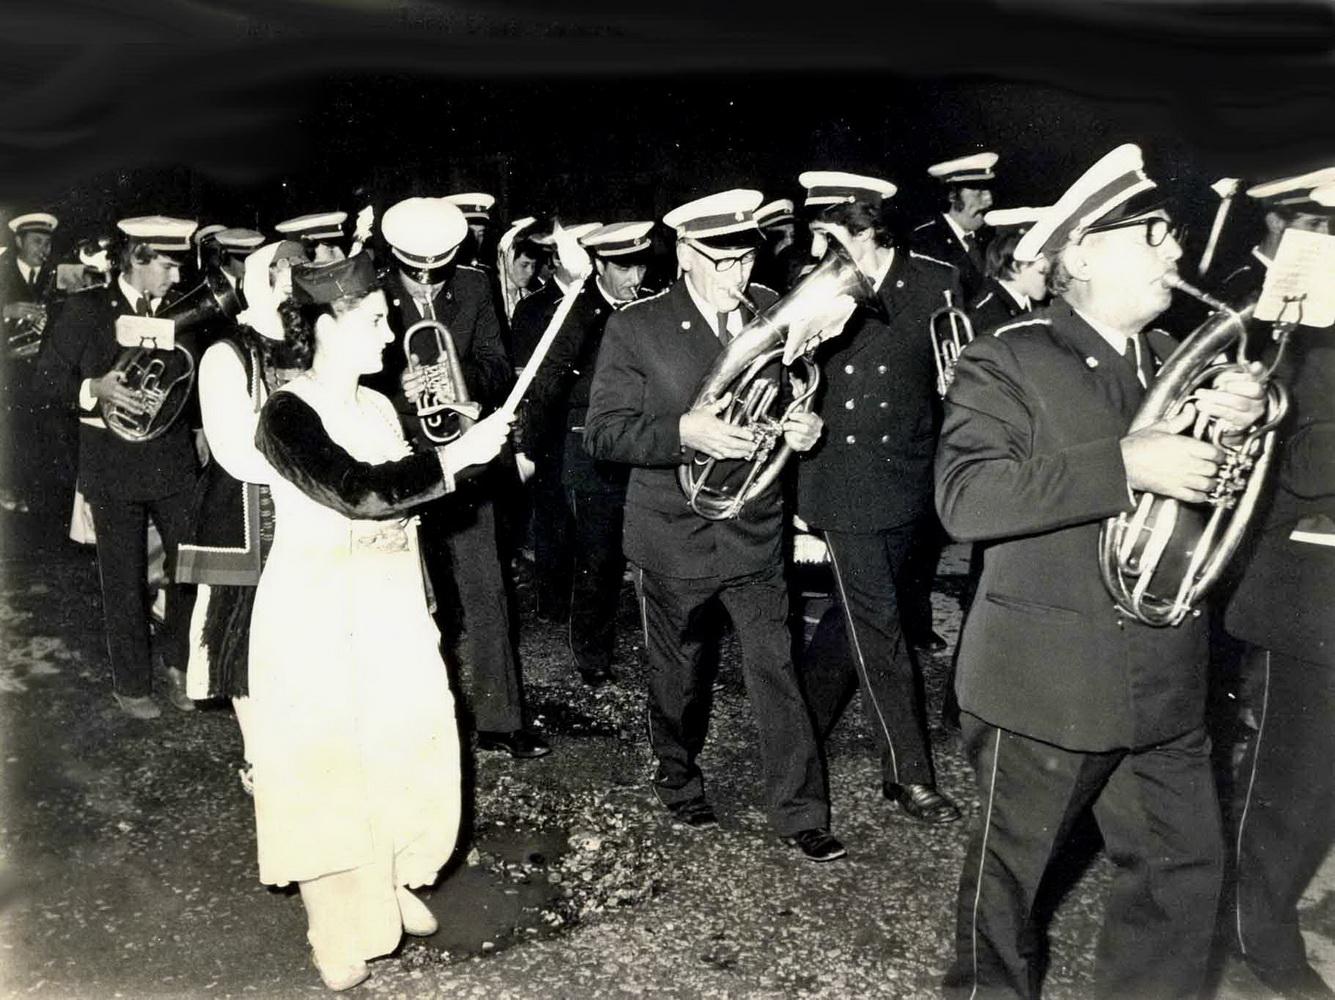 76 Proslava 70 godina Gradske muzike Budva 22 11 1976 god.